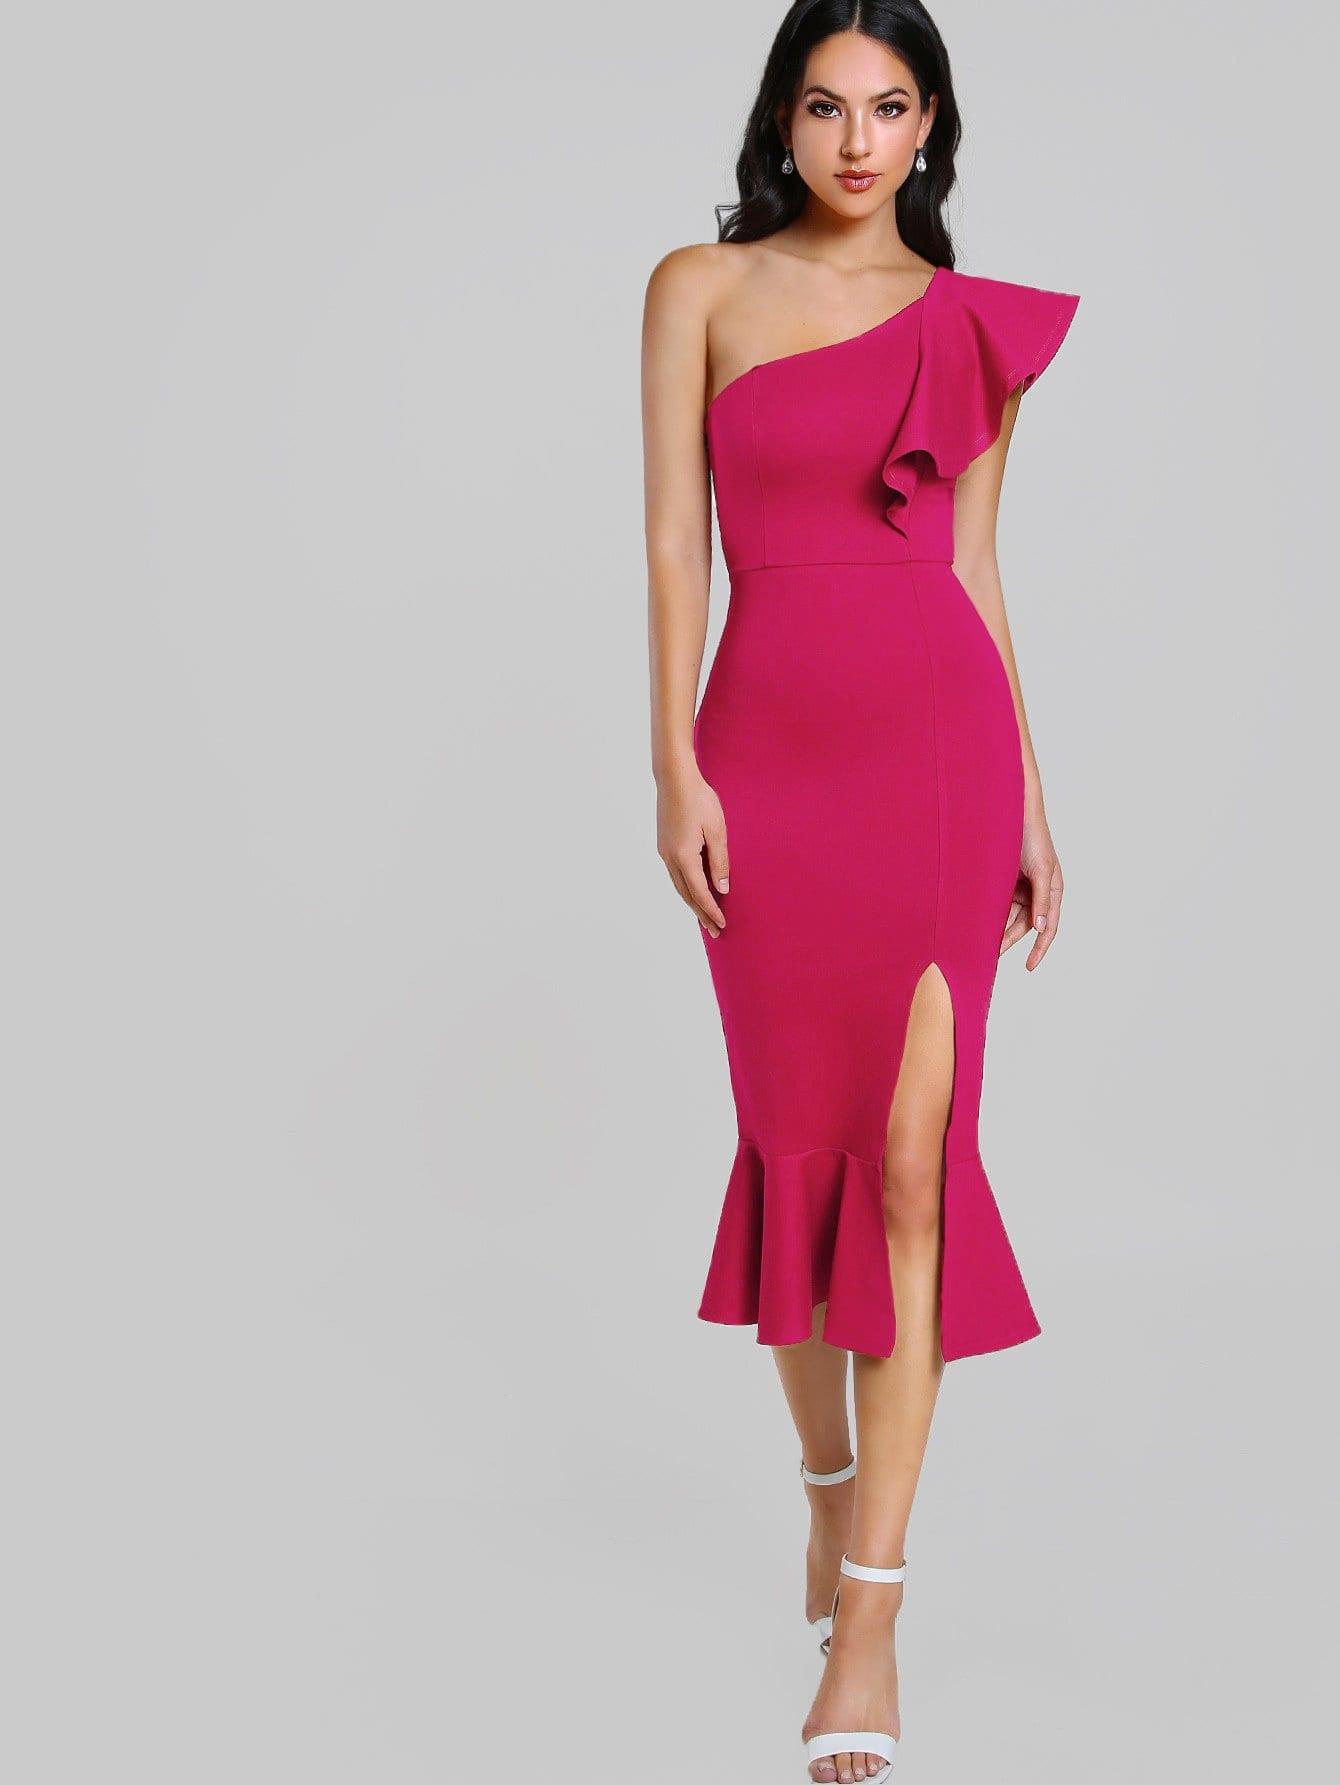 Flounce One Shoulder Slit Fishtail Dress one shoulder slit back fitted dress